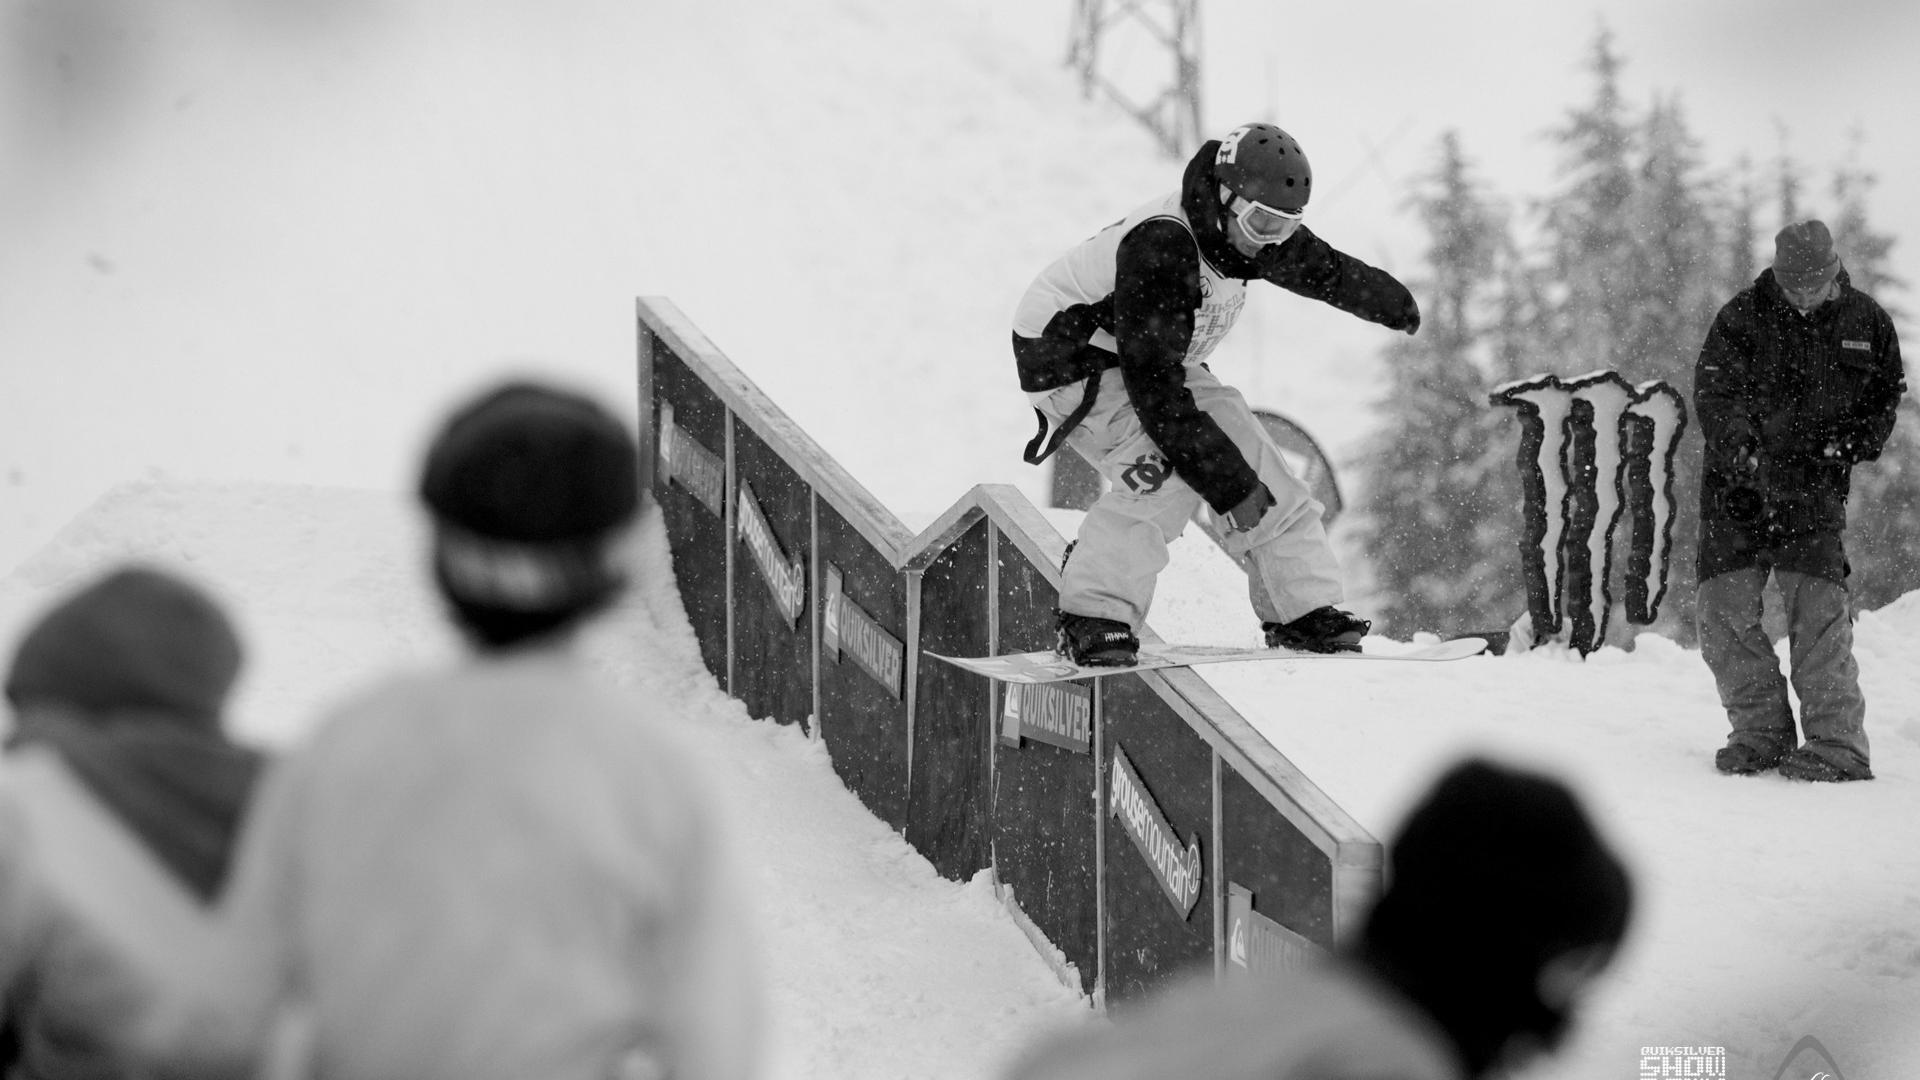 сноубордист трюк, скольжение, скачать фото, обои для рабочего стола